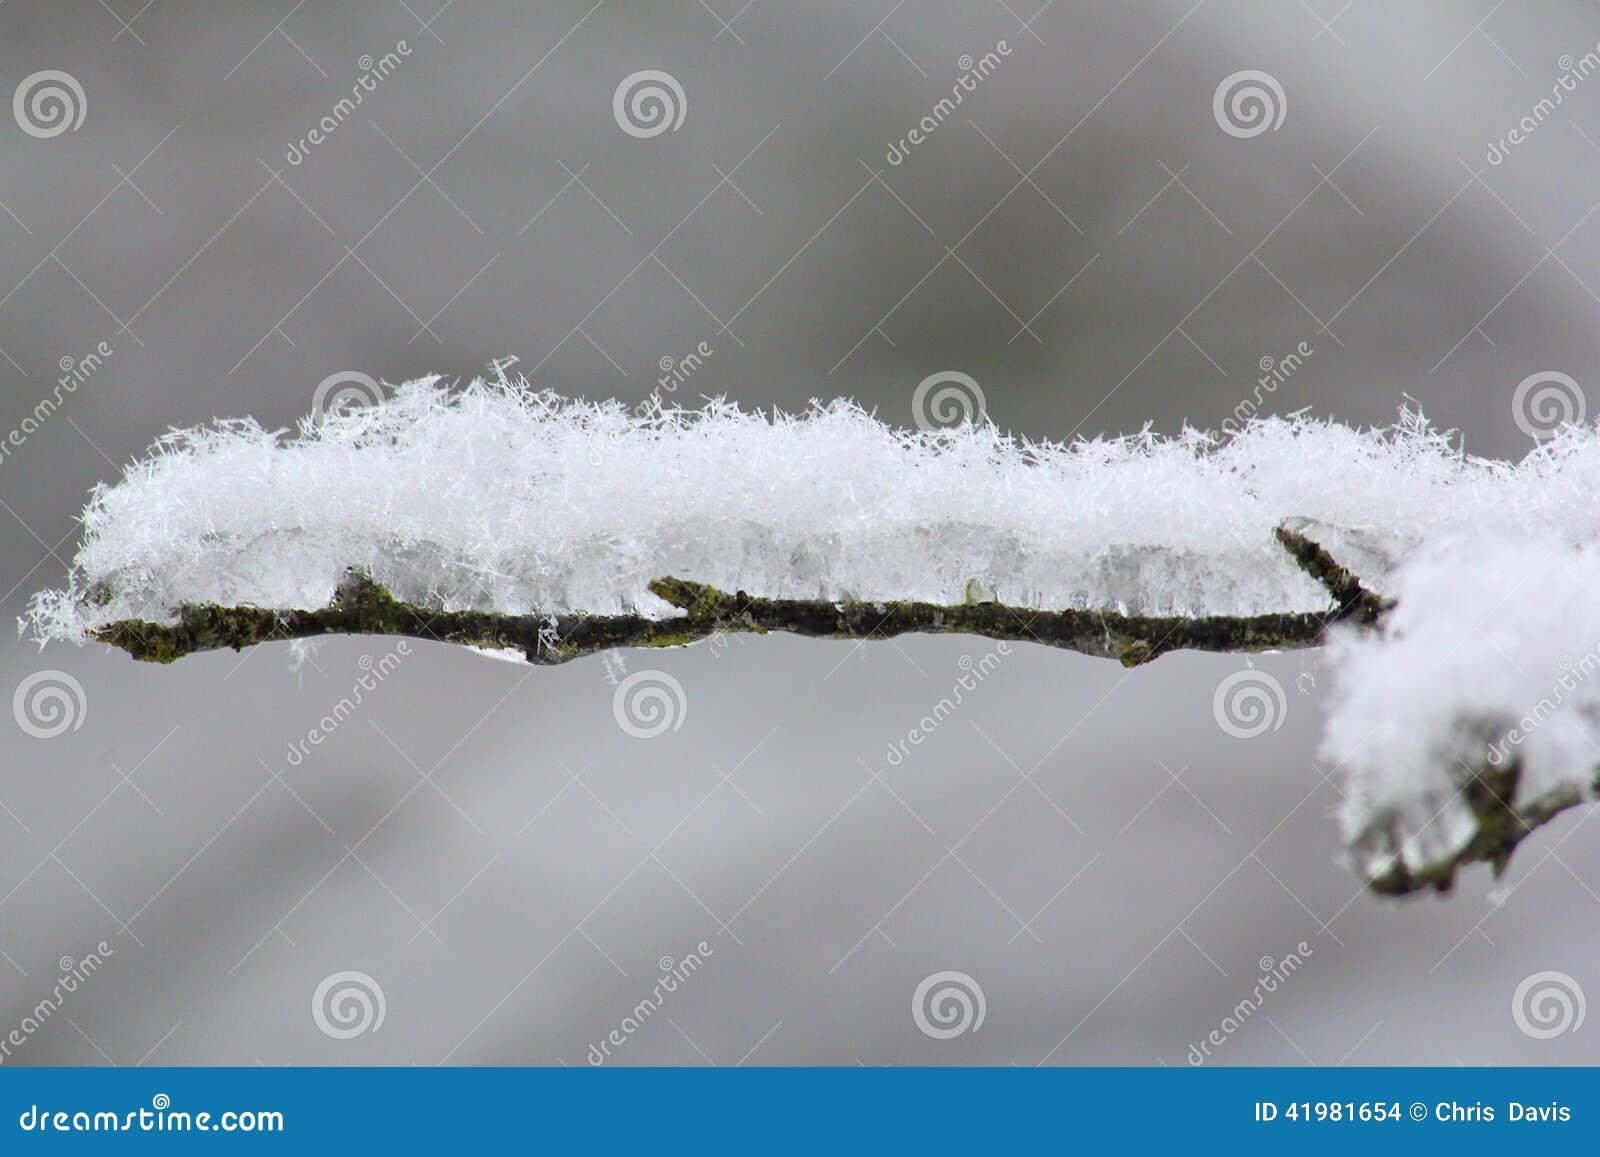 Śnieg i lód zakrywająca gałąź